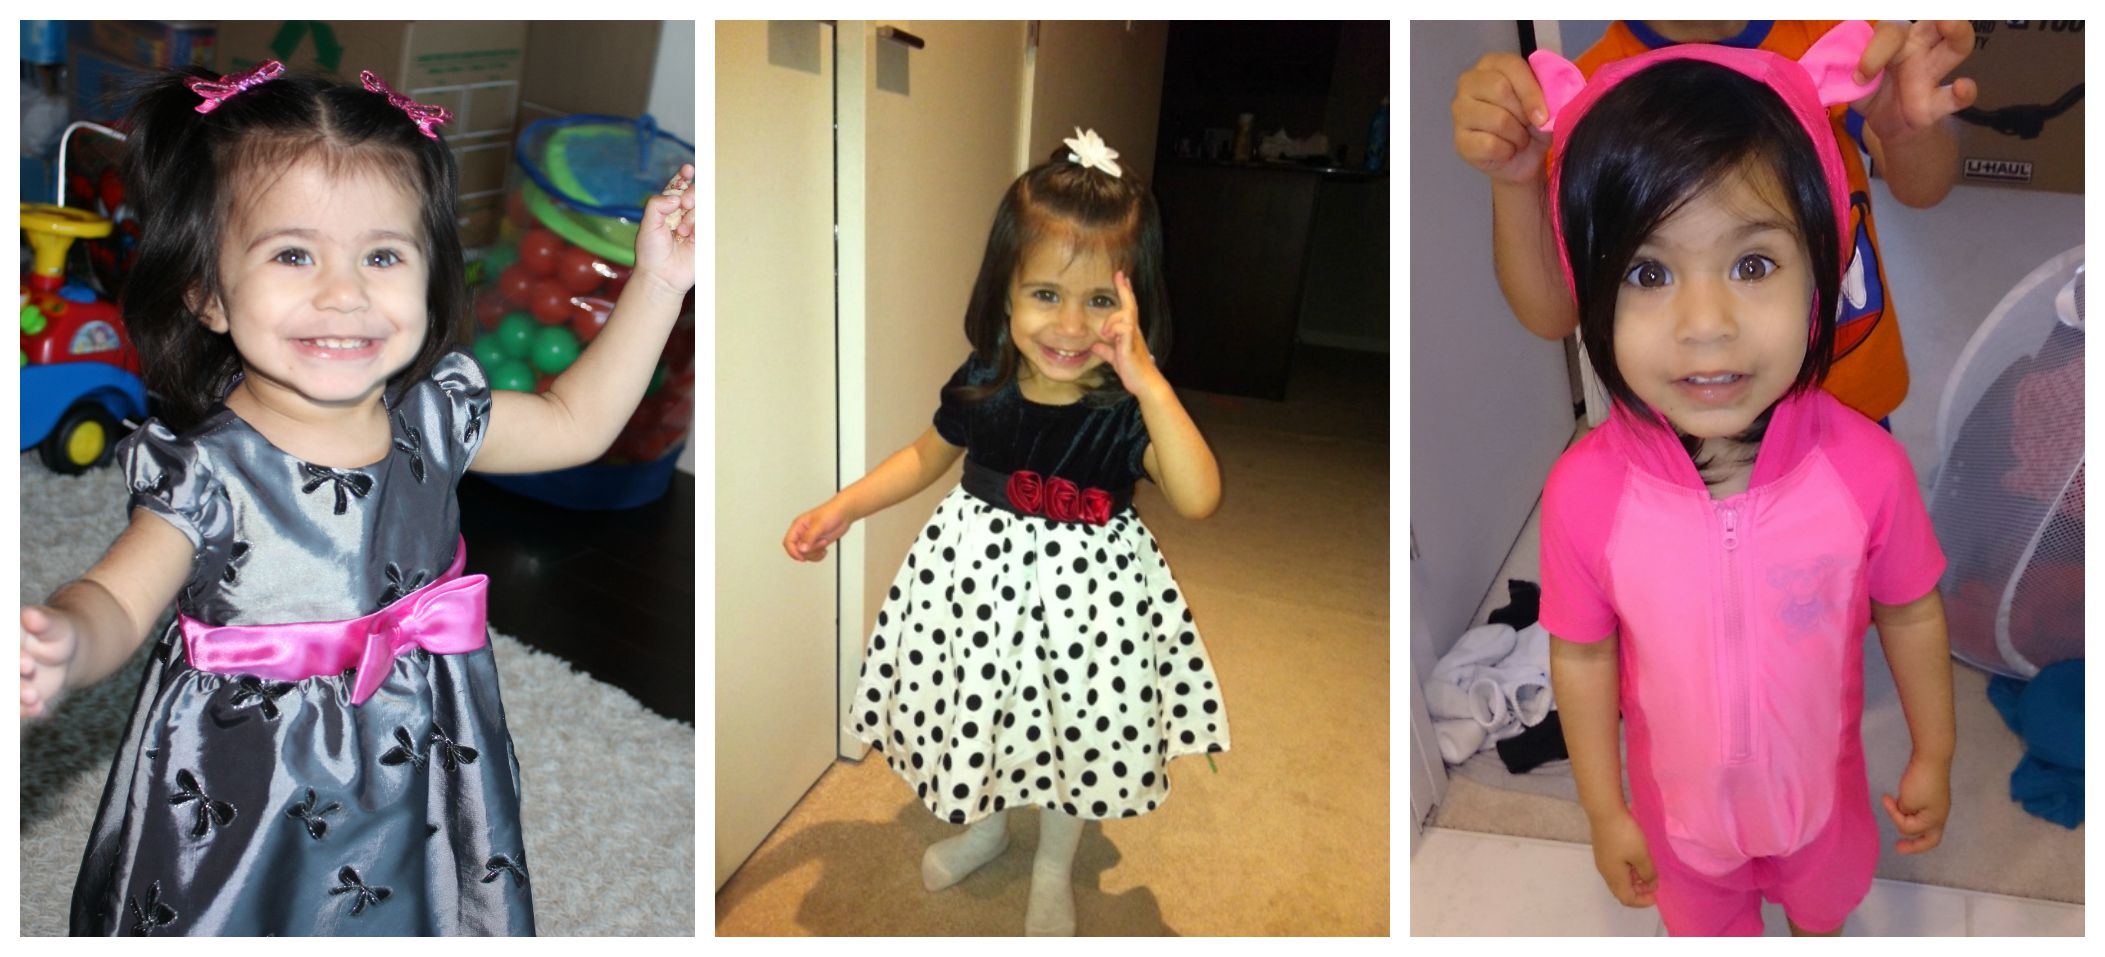 Kyah Toddler collage